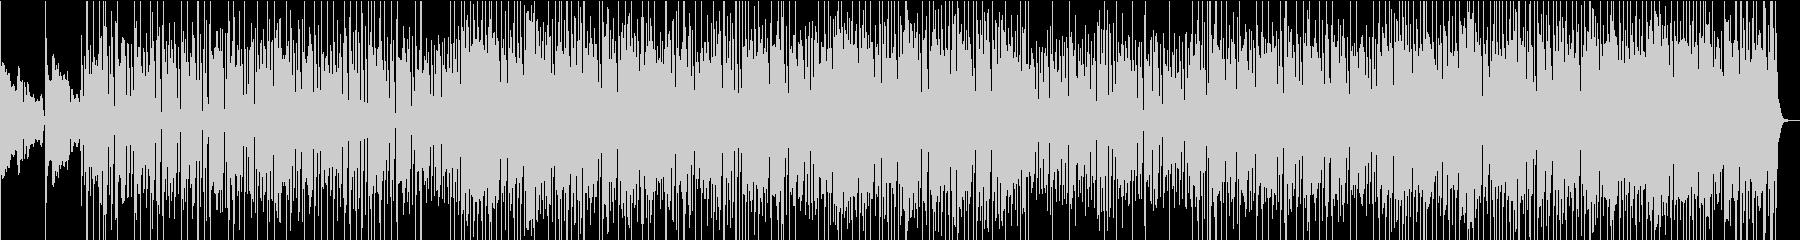 90年代アシッド・ジャズ的な曲の未再生の波形